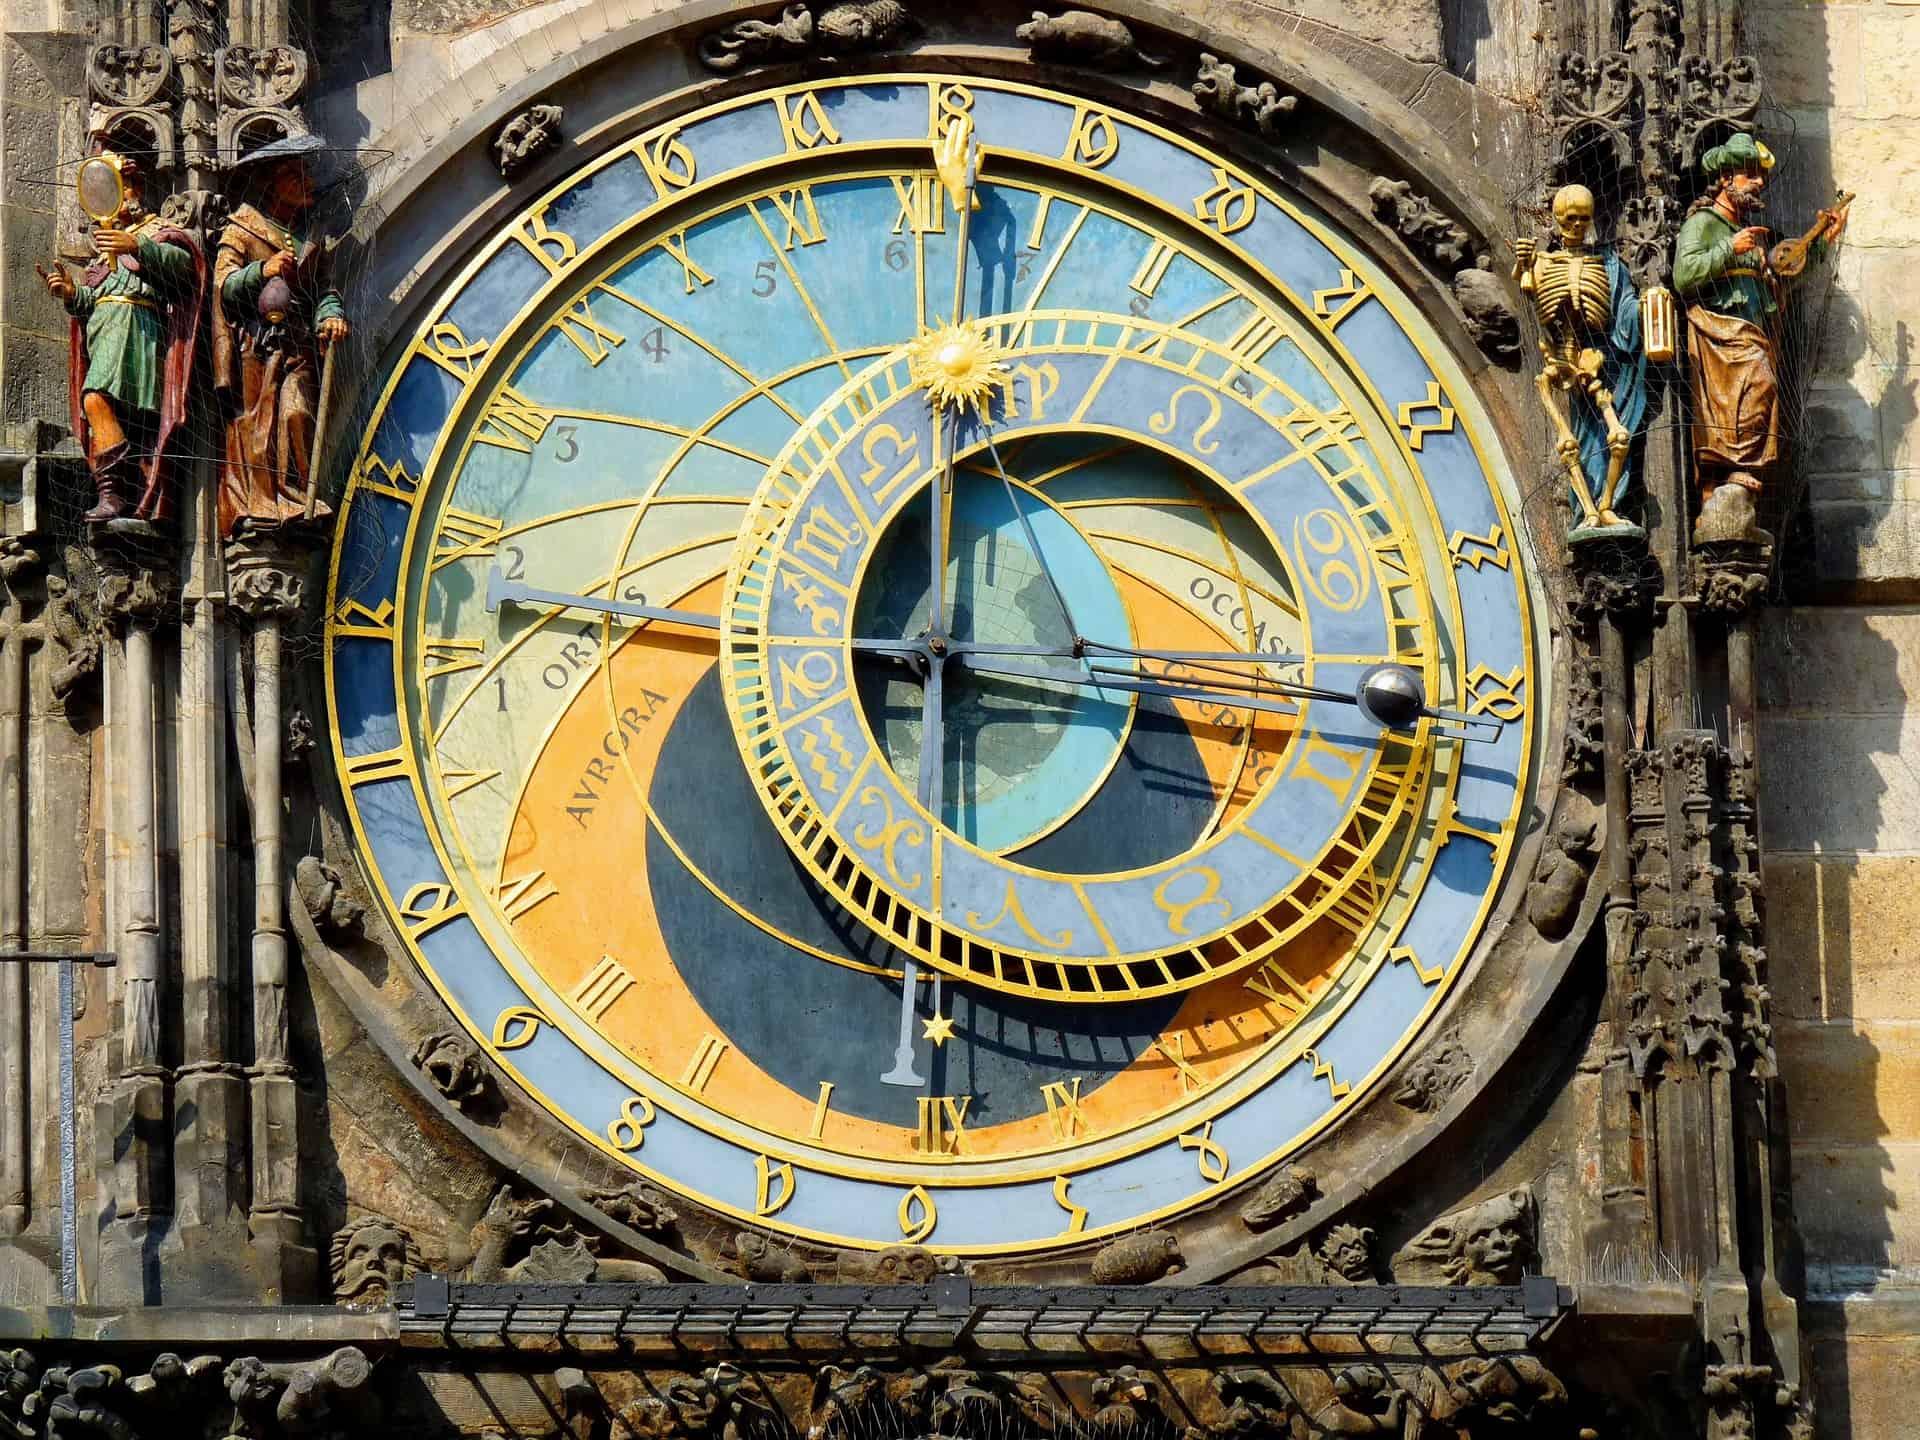 El reloj astronómico de Praga. Una reliquia de la ciudad